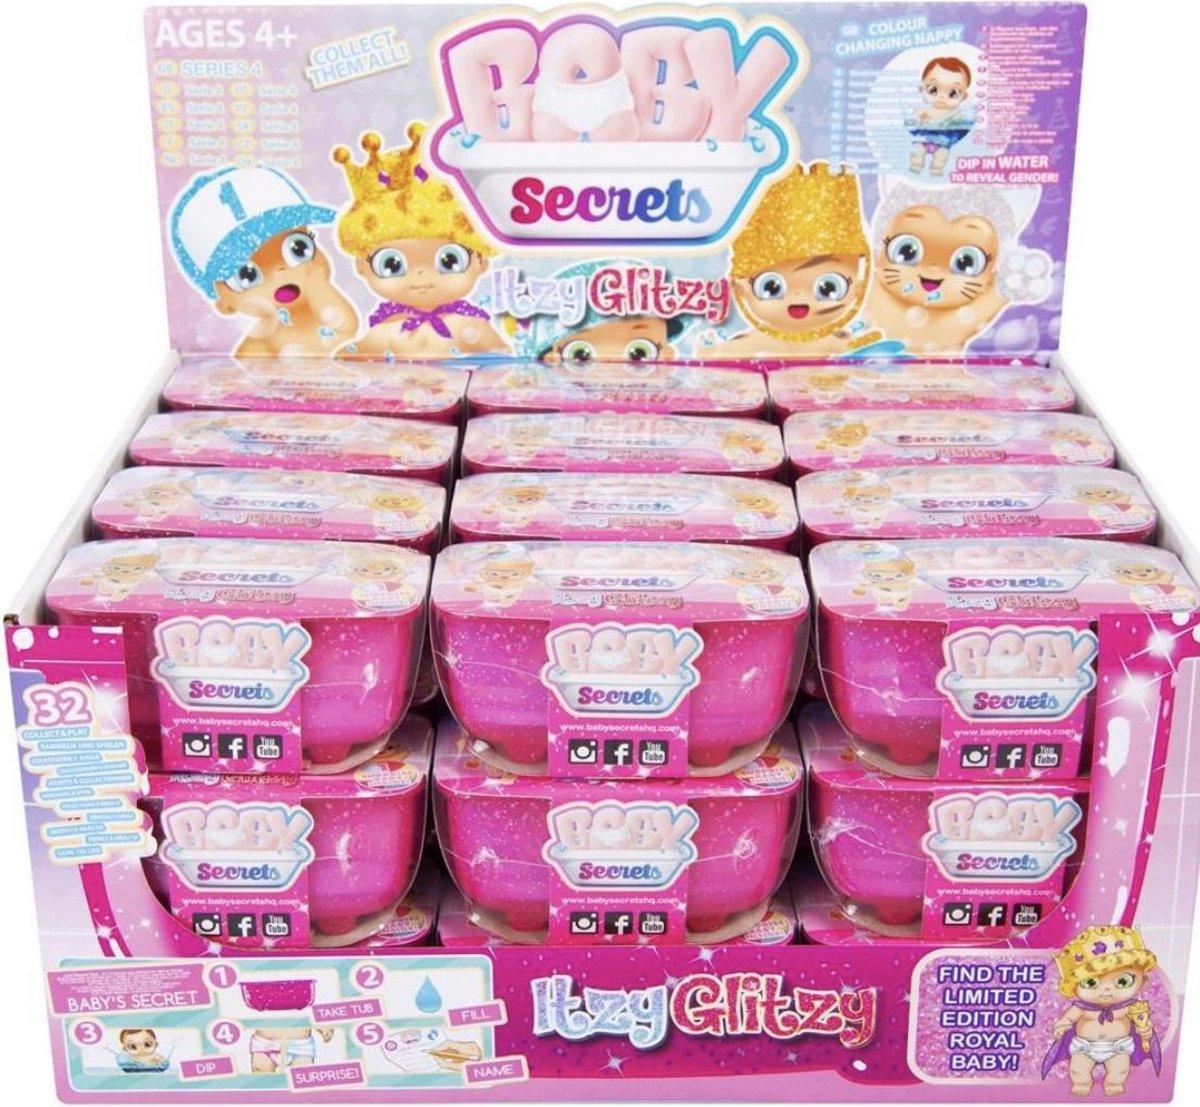 Baby Secret Itzy Glitzy